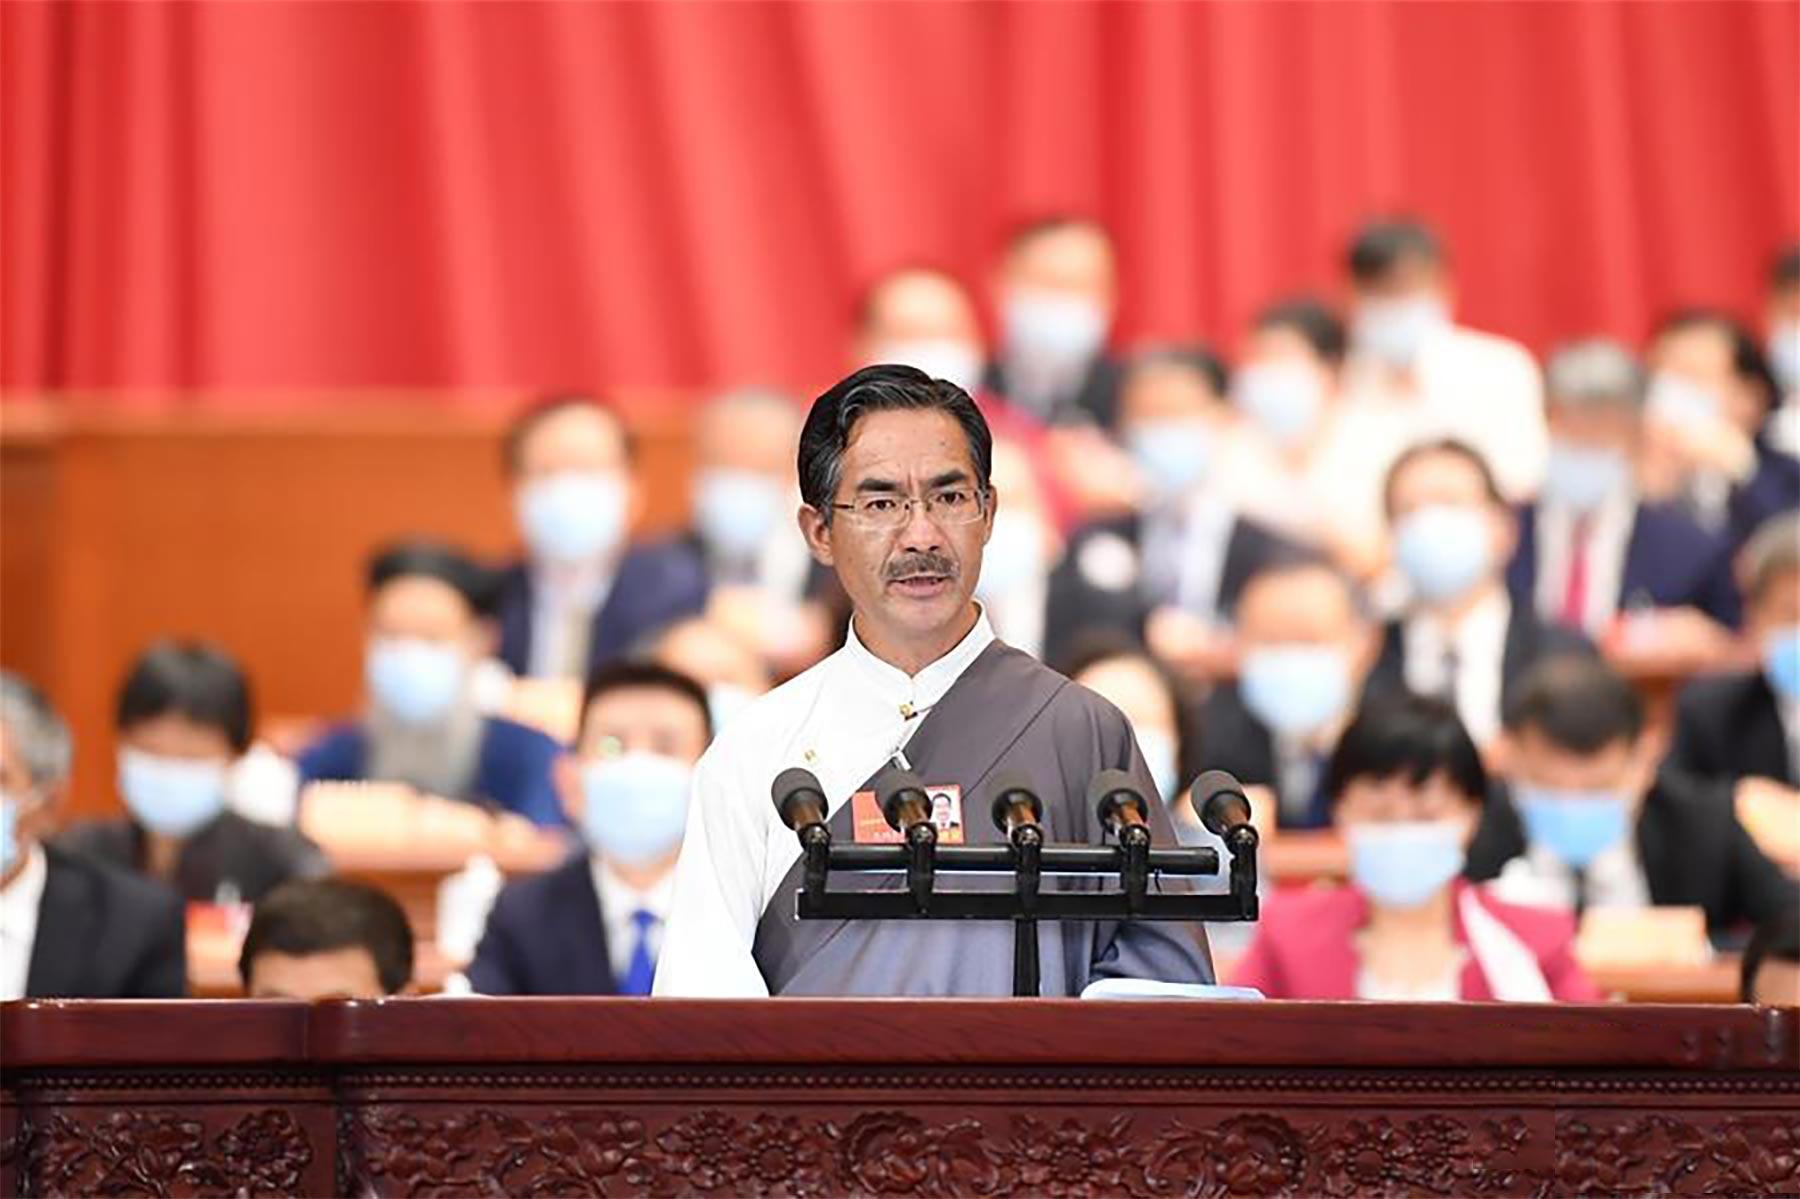 尼玛扎西委员作大会发言。新华社记者 燕雁 摄